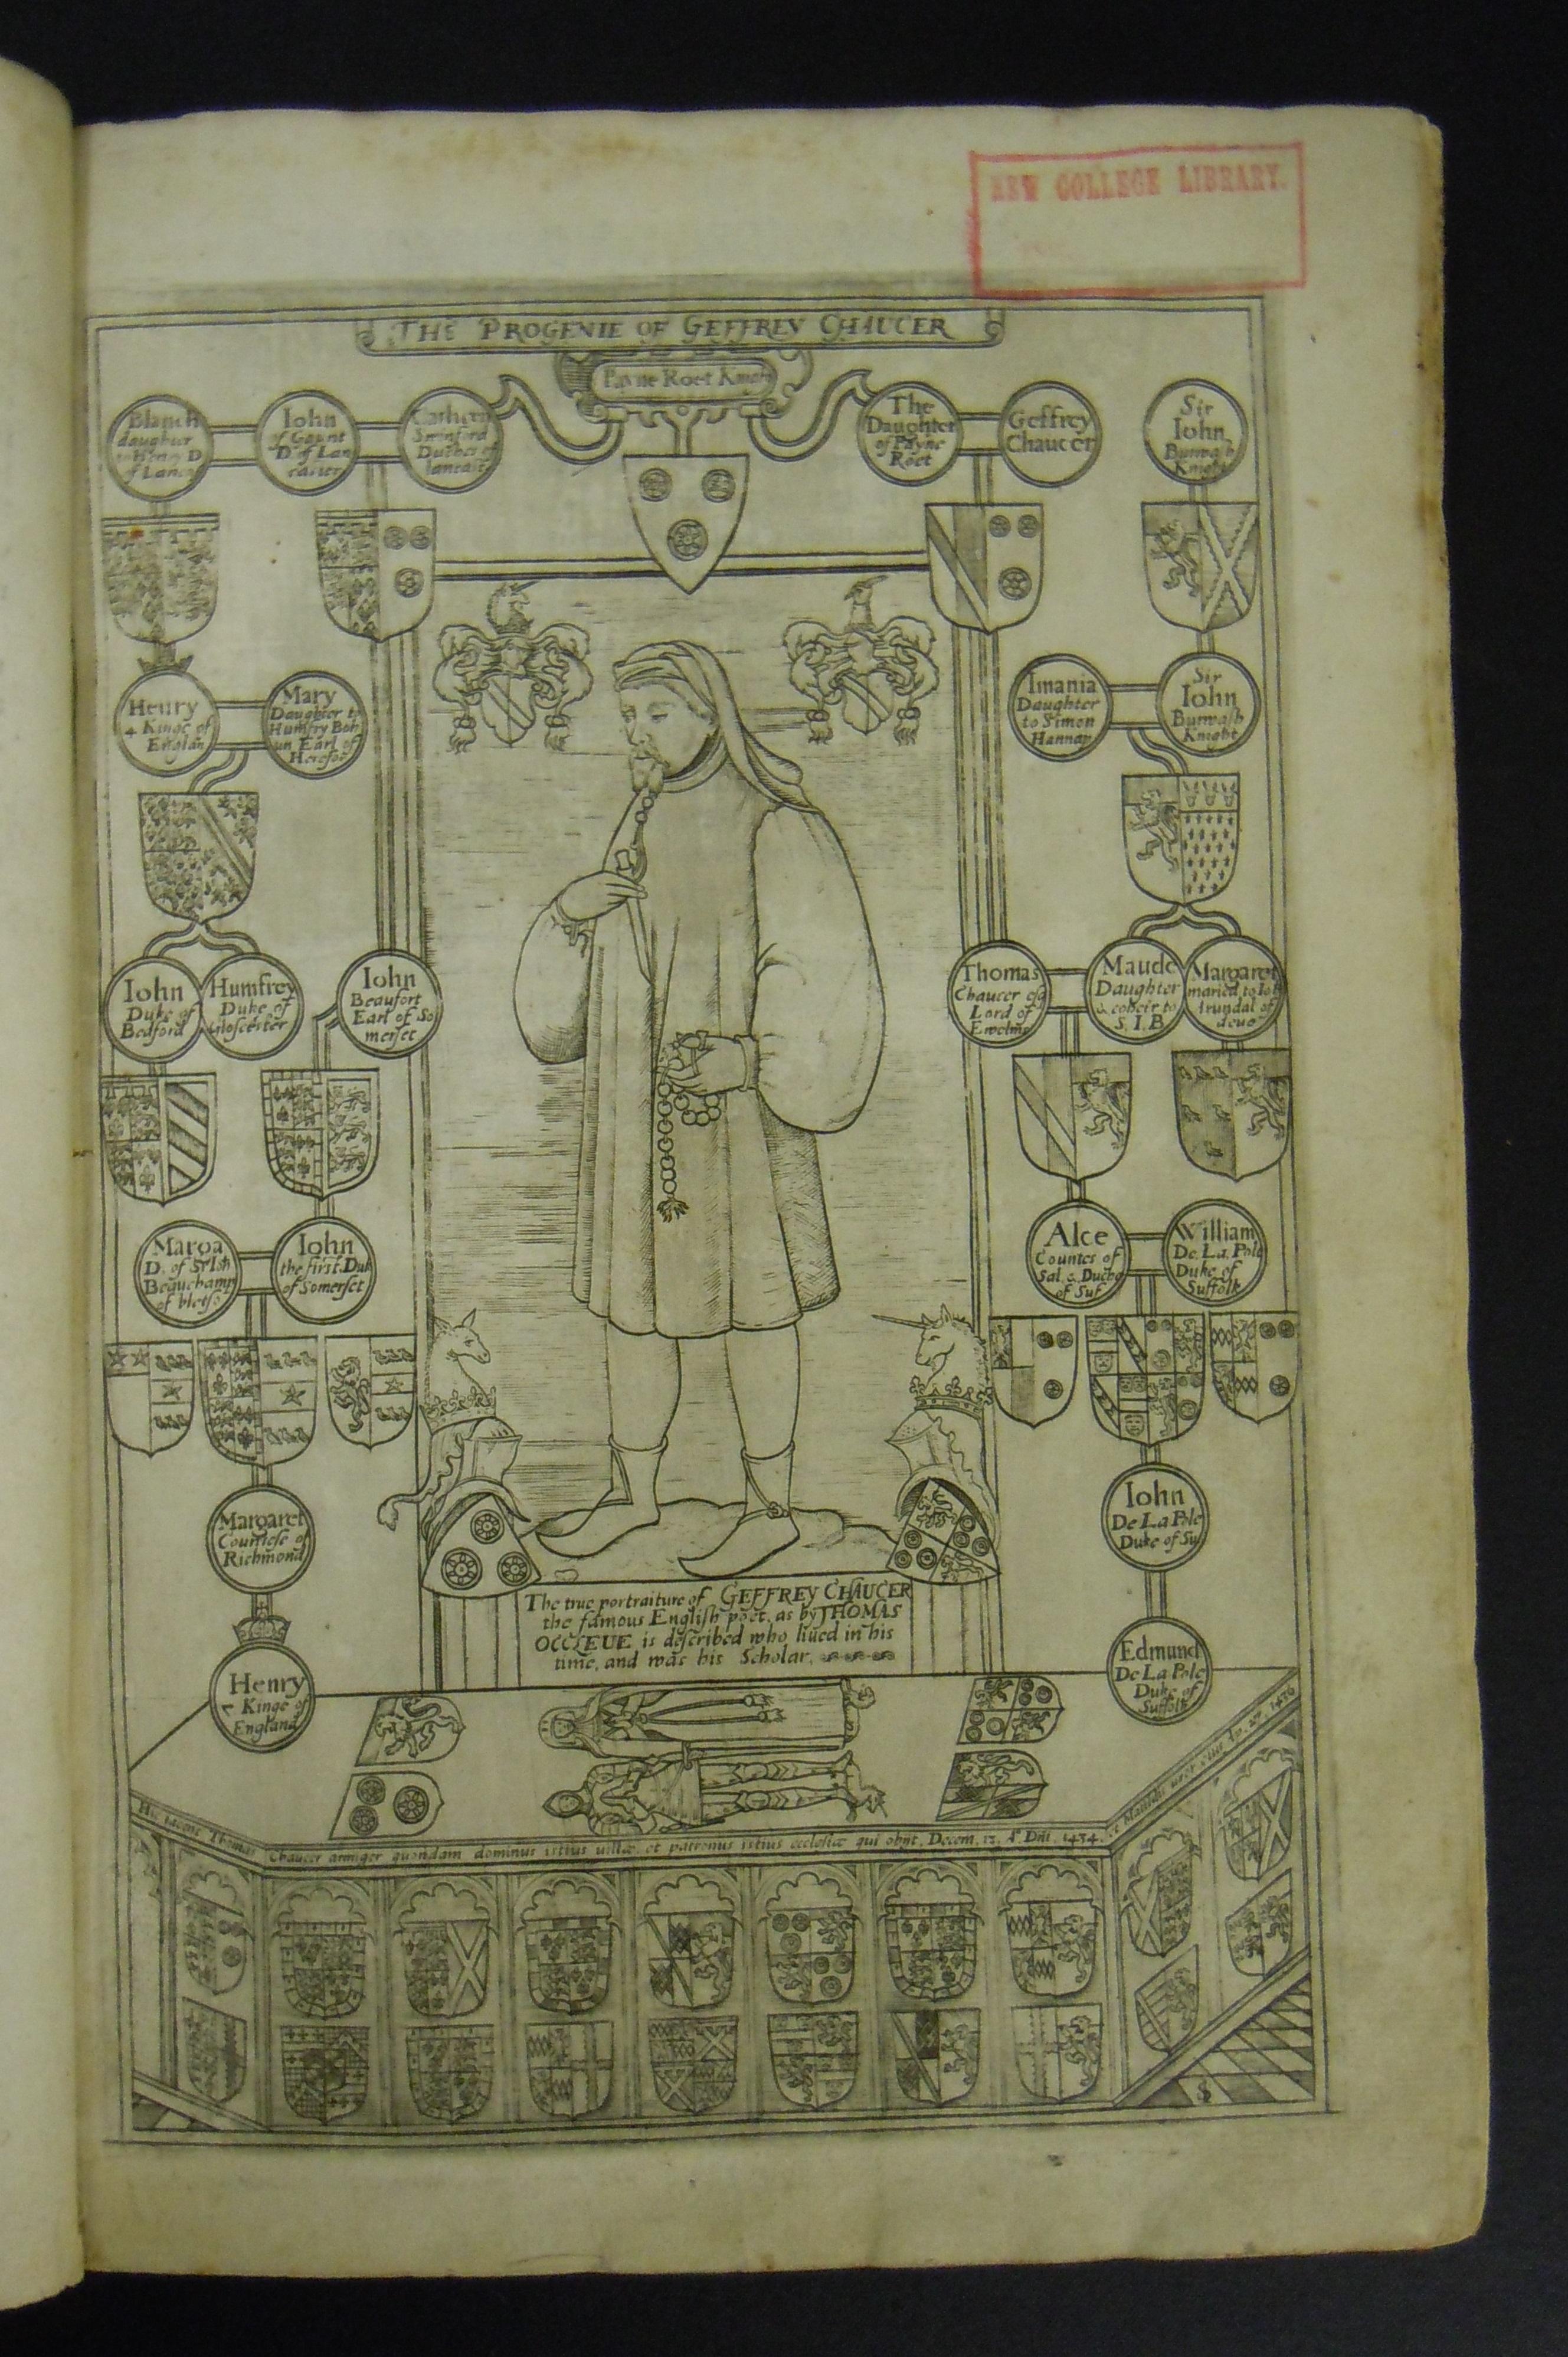 BT1.19.2, precedes bj, Geoffrey Chaucer's Works, 1602